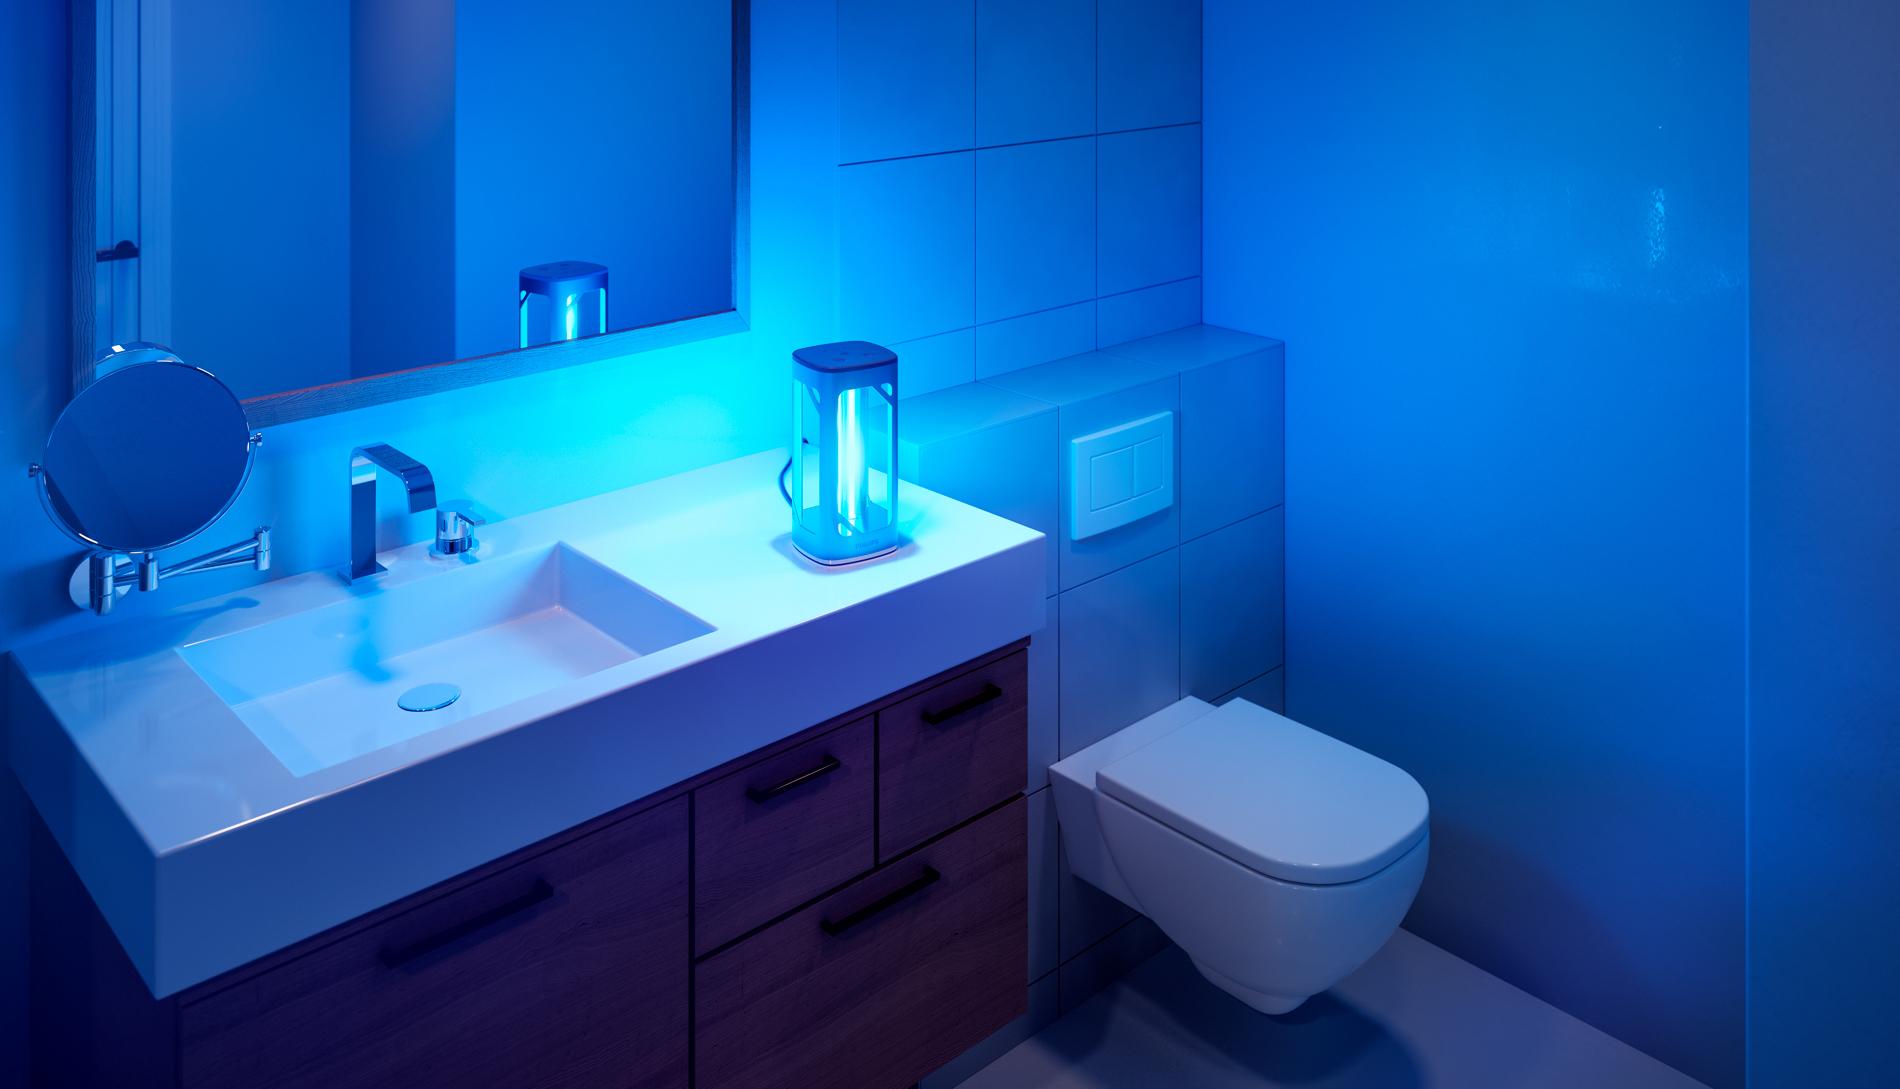 Hueblog: Mehr als nur Philips Hue: Signify stellt UV-C-Tischleuchte vor